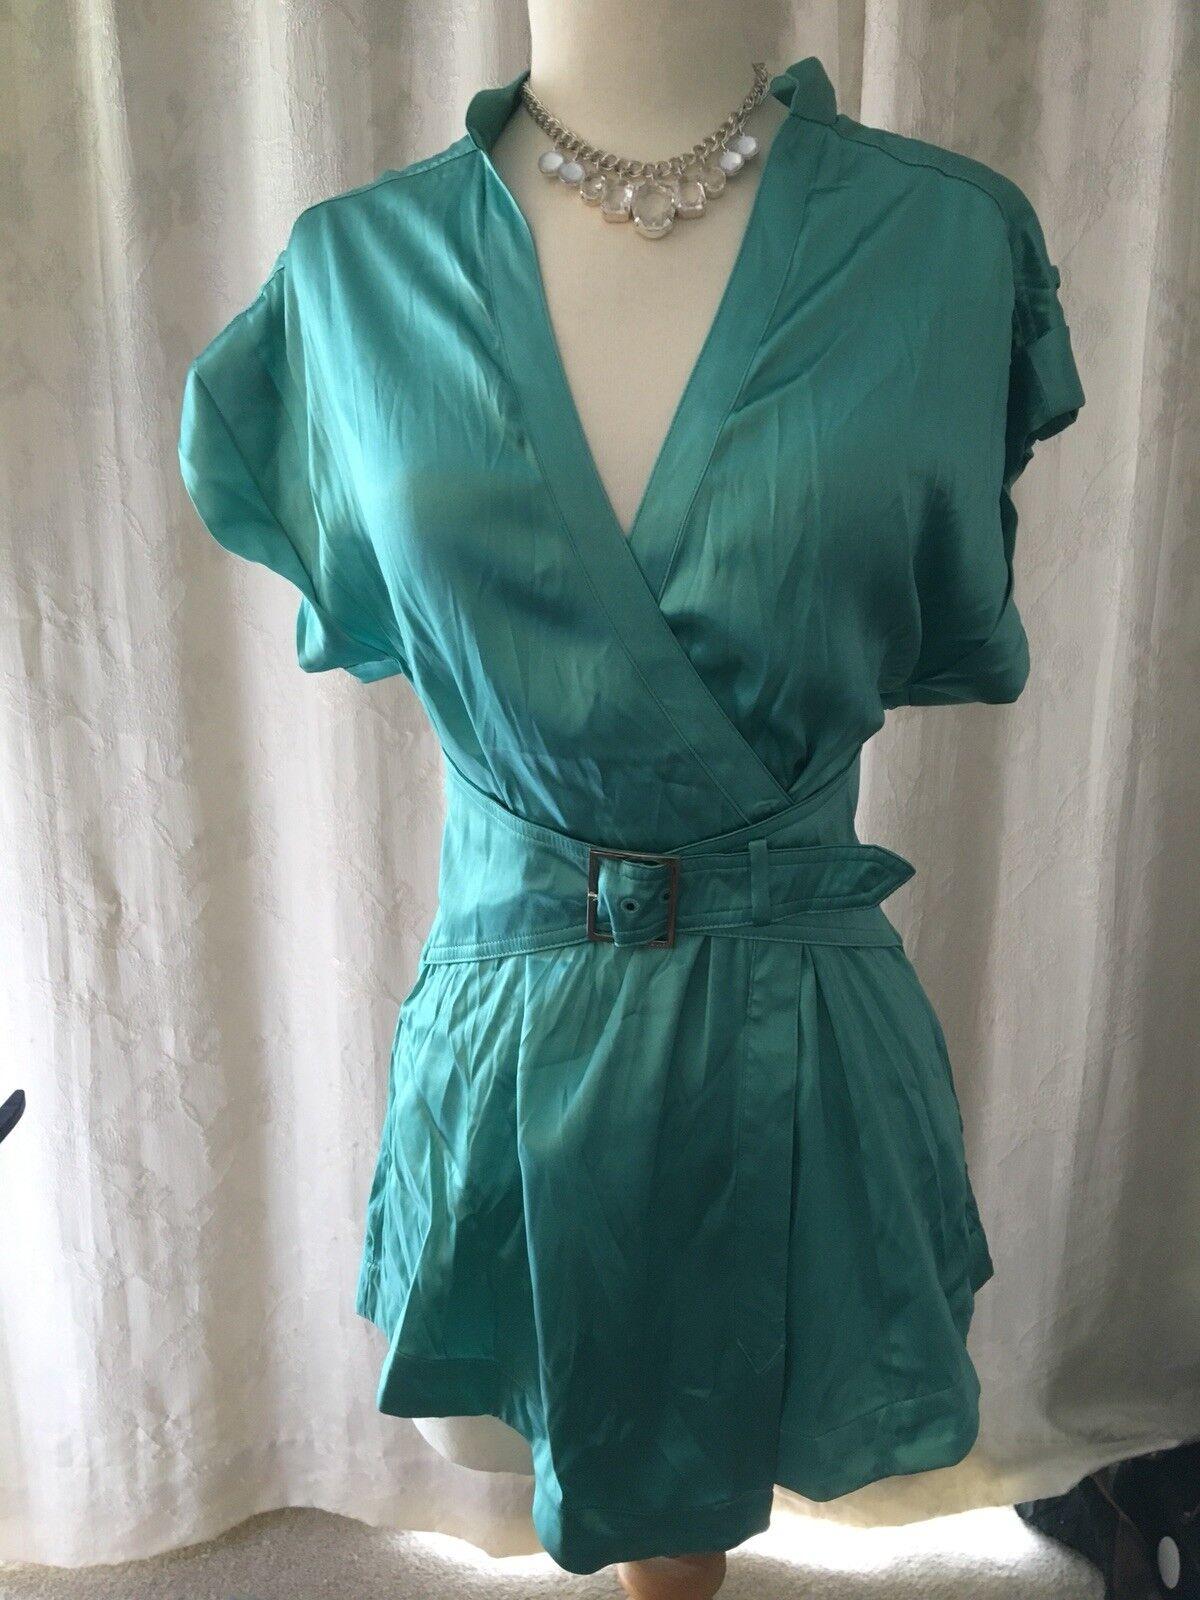 Karen Millen Aqua Silk Shirt Size 8 Bnwt